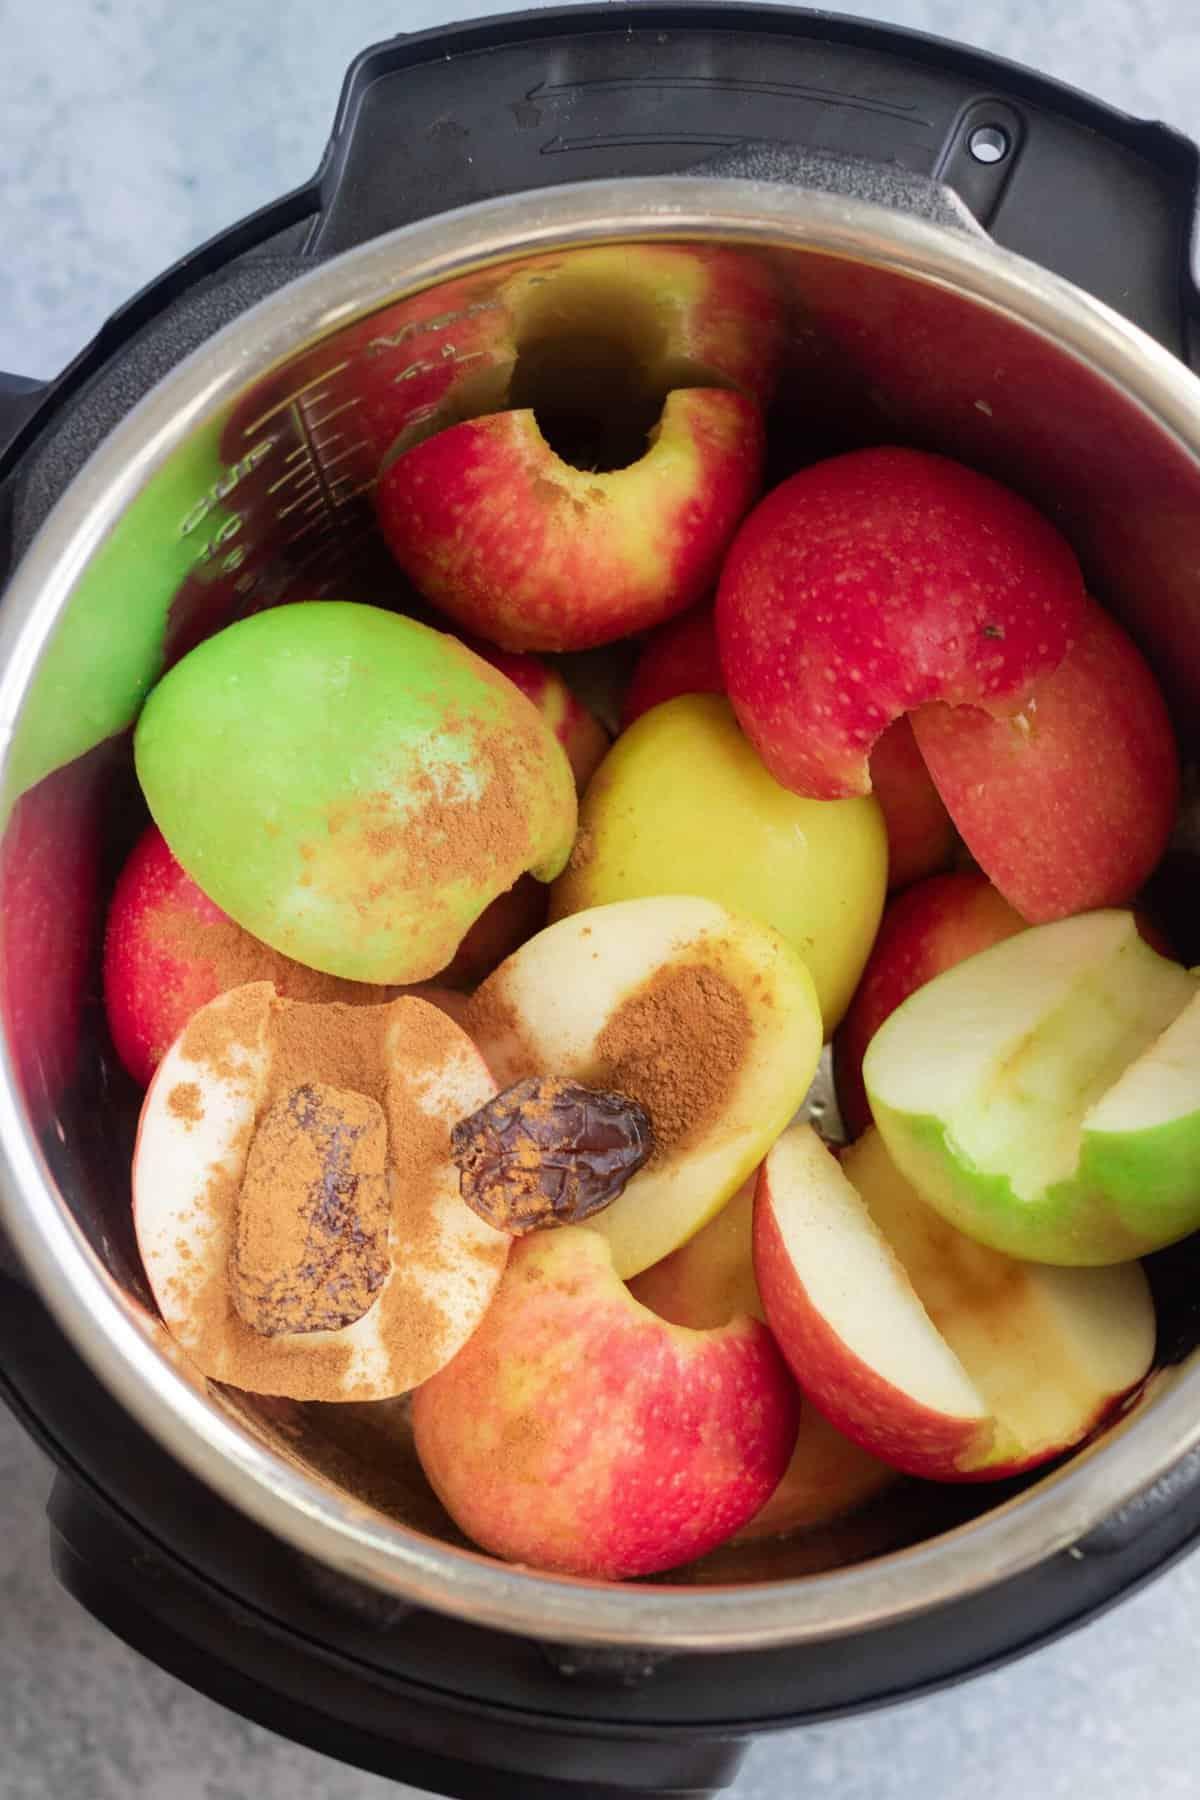 Apples in Instant Pot